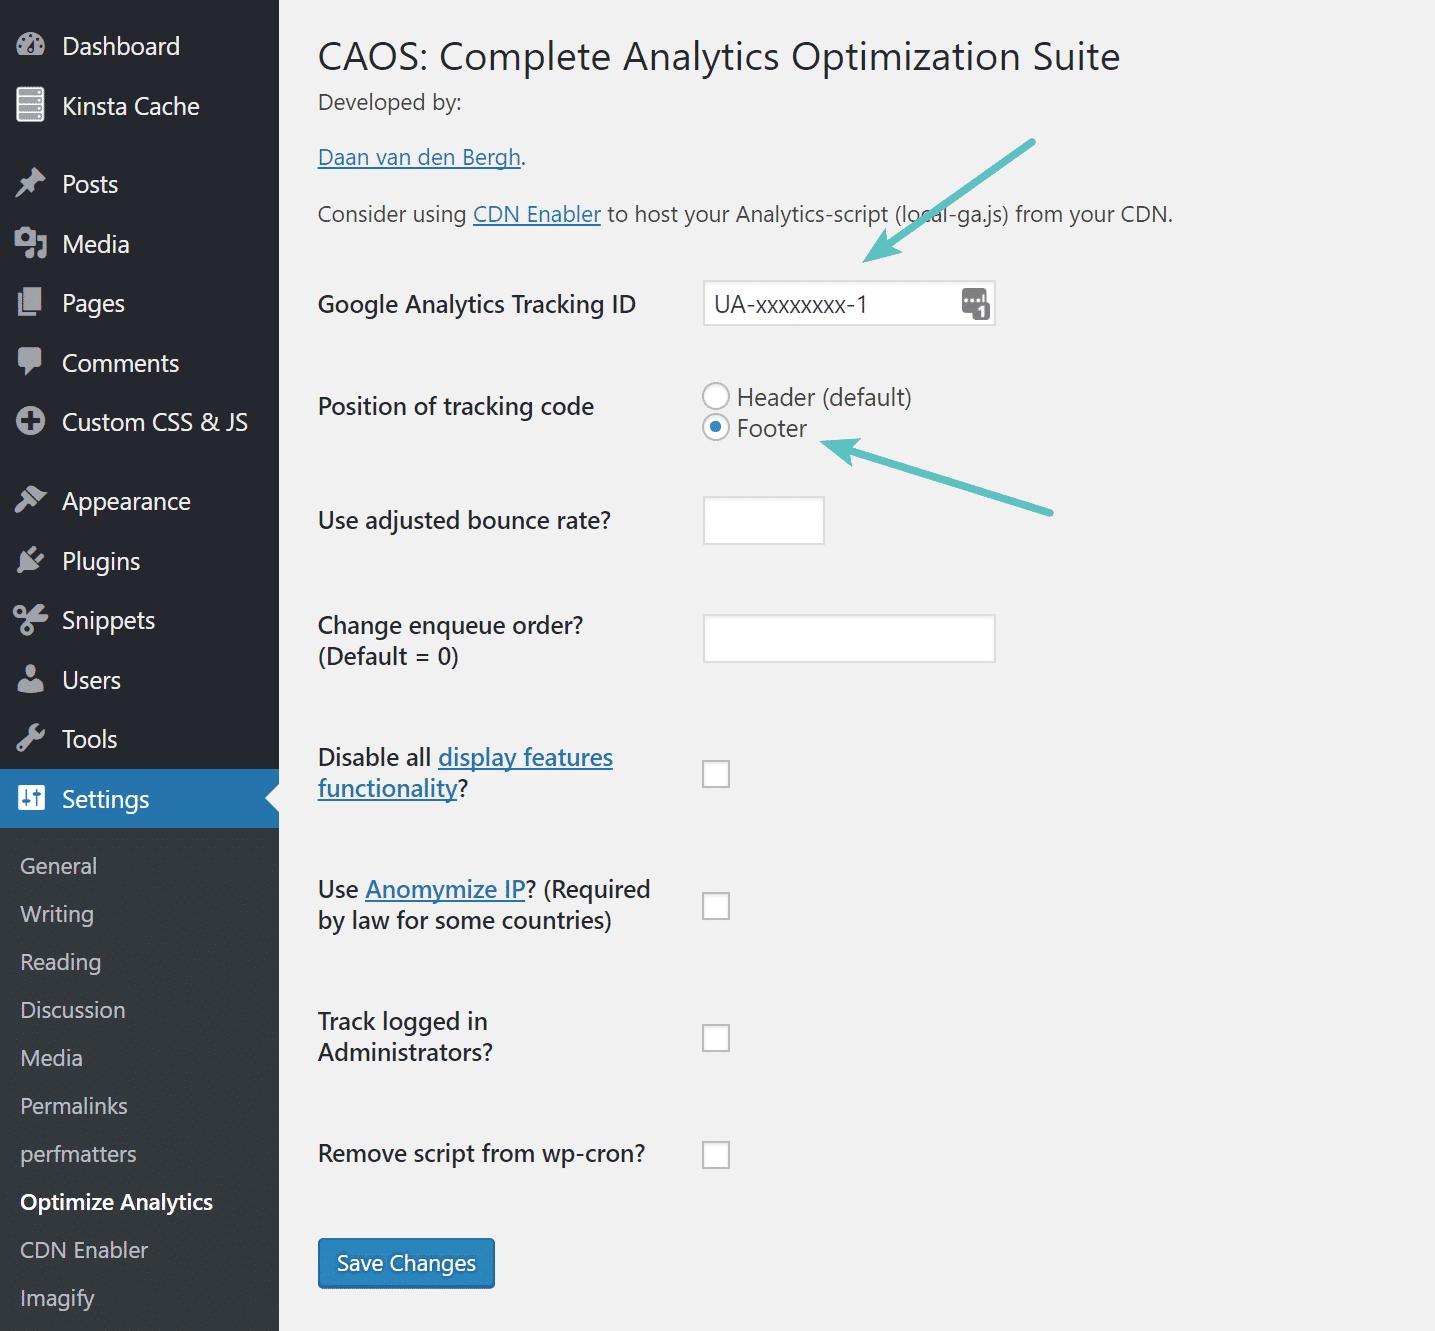 Configurações para sincronizar localmente o Google Analytics